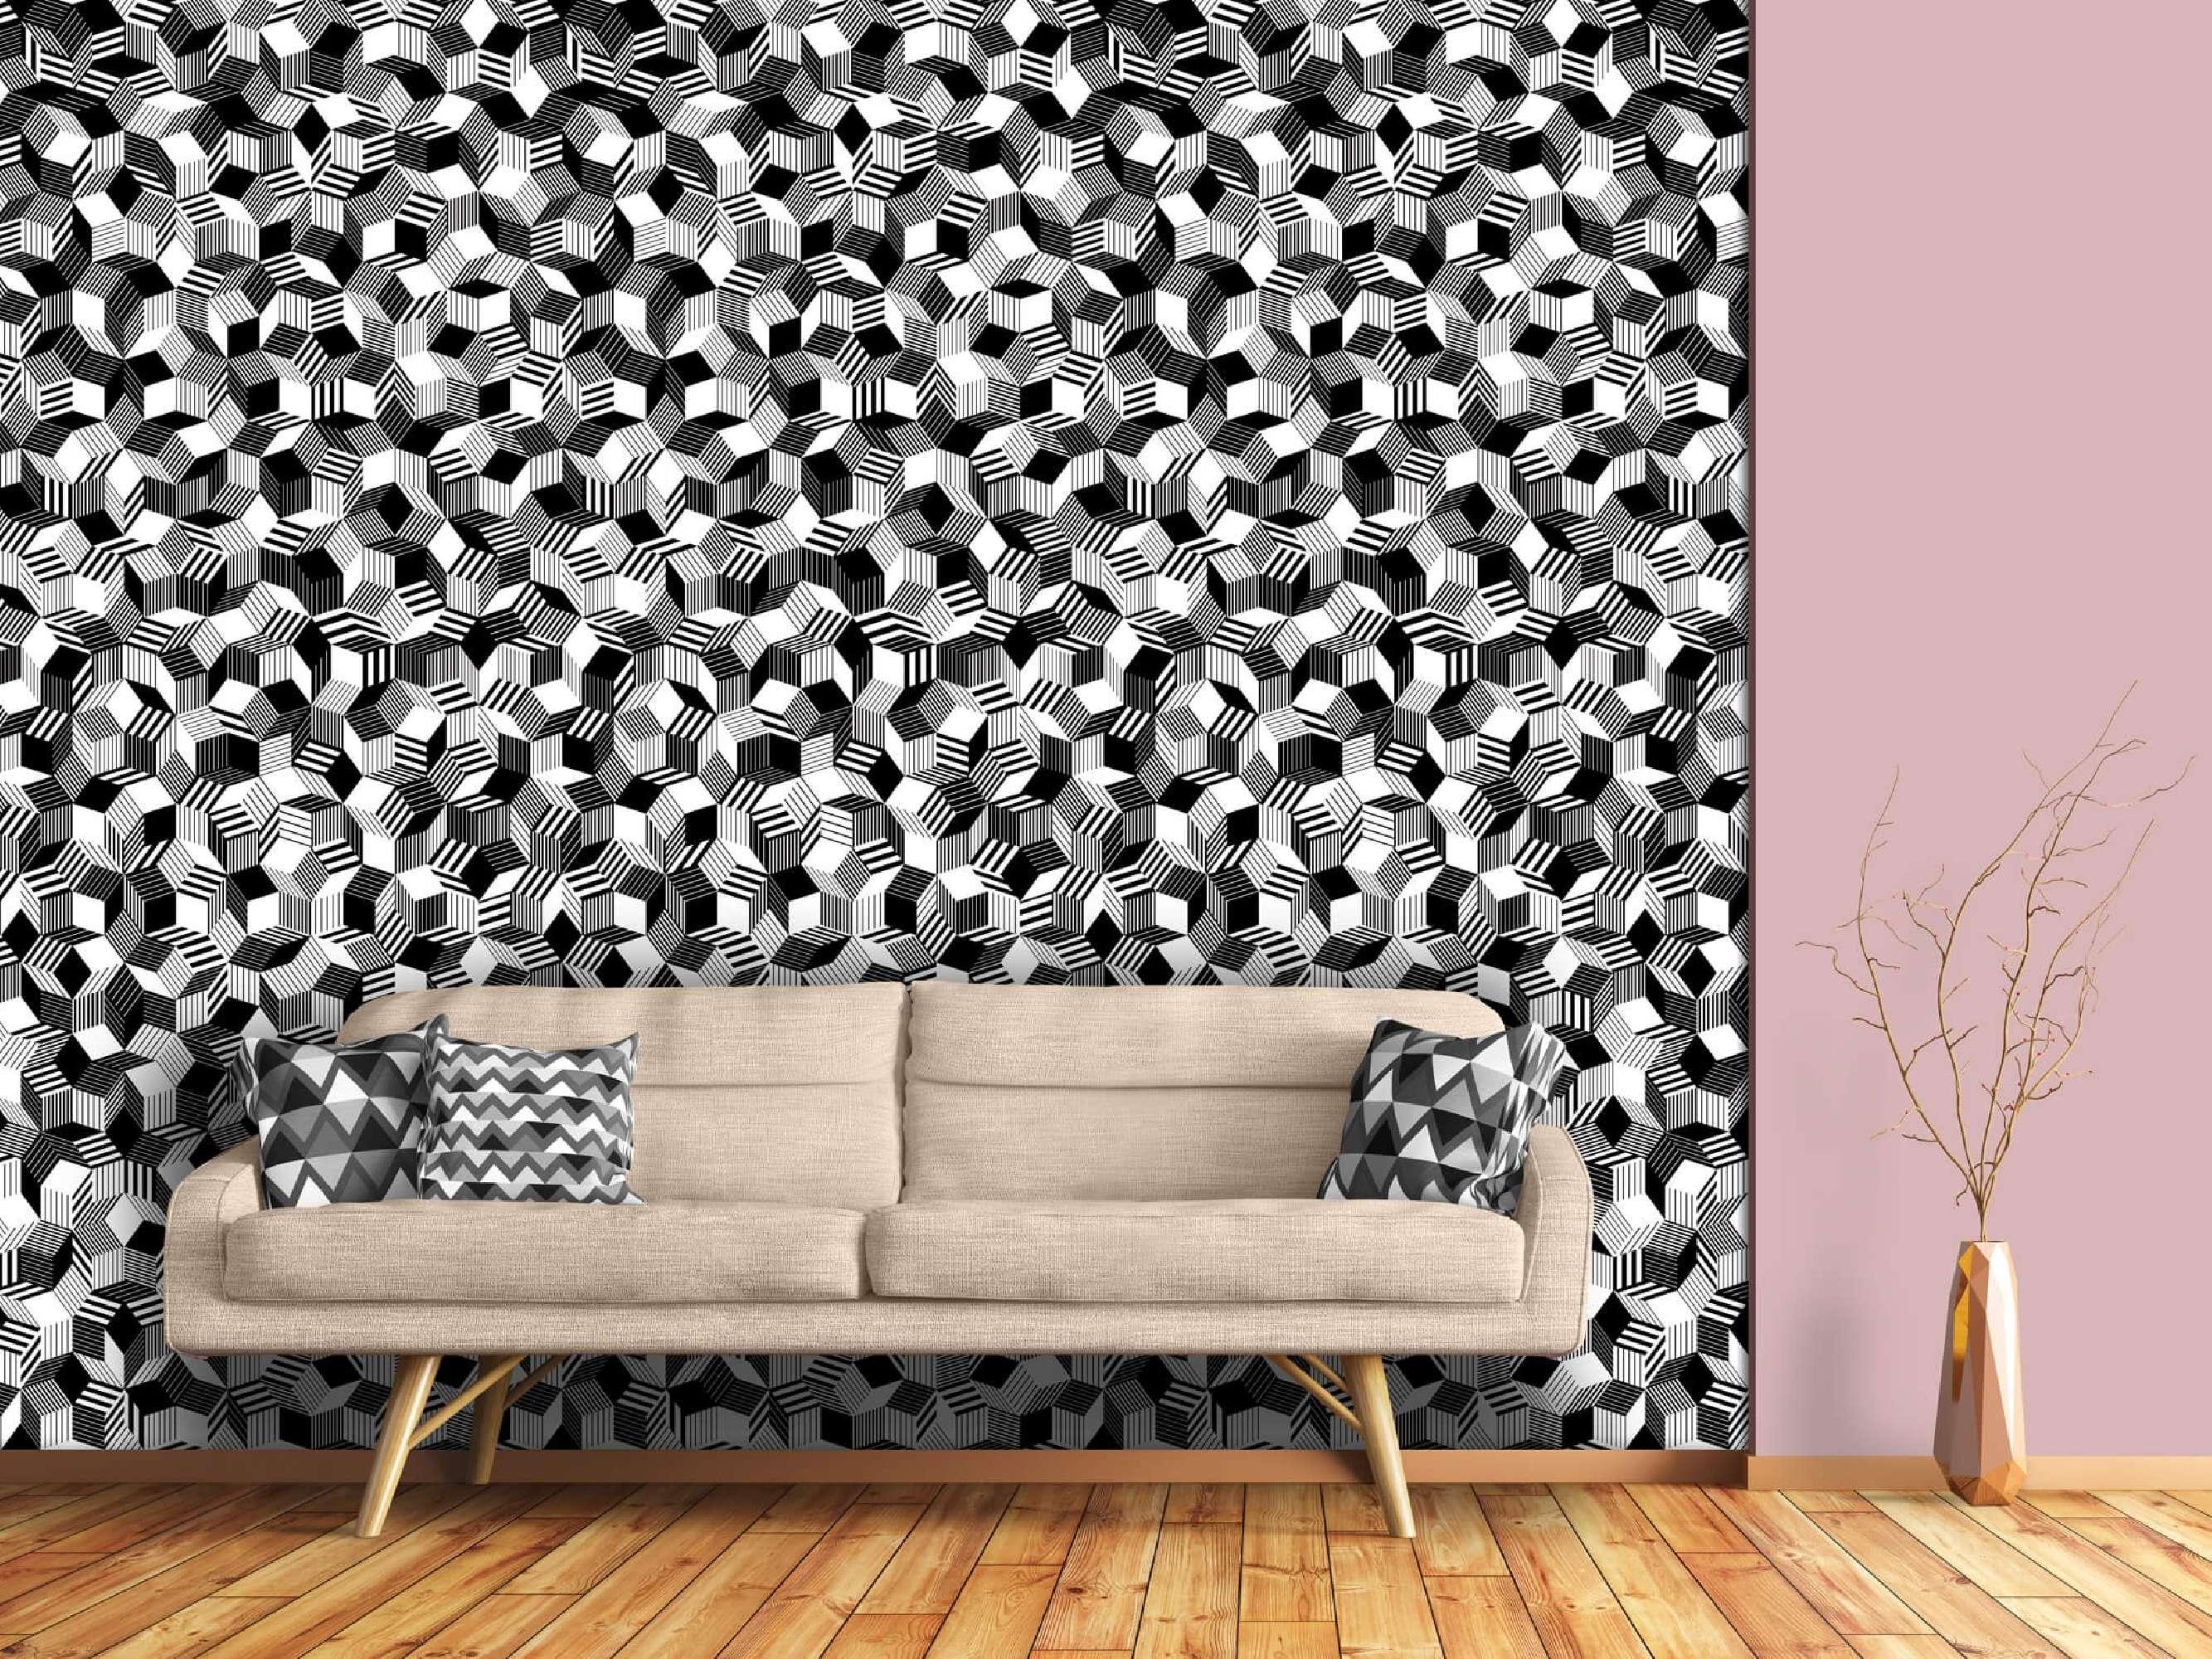 Bande Papier Peint Salon papier peint penrose black stripes